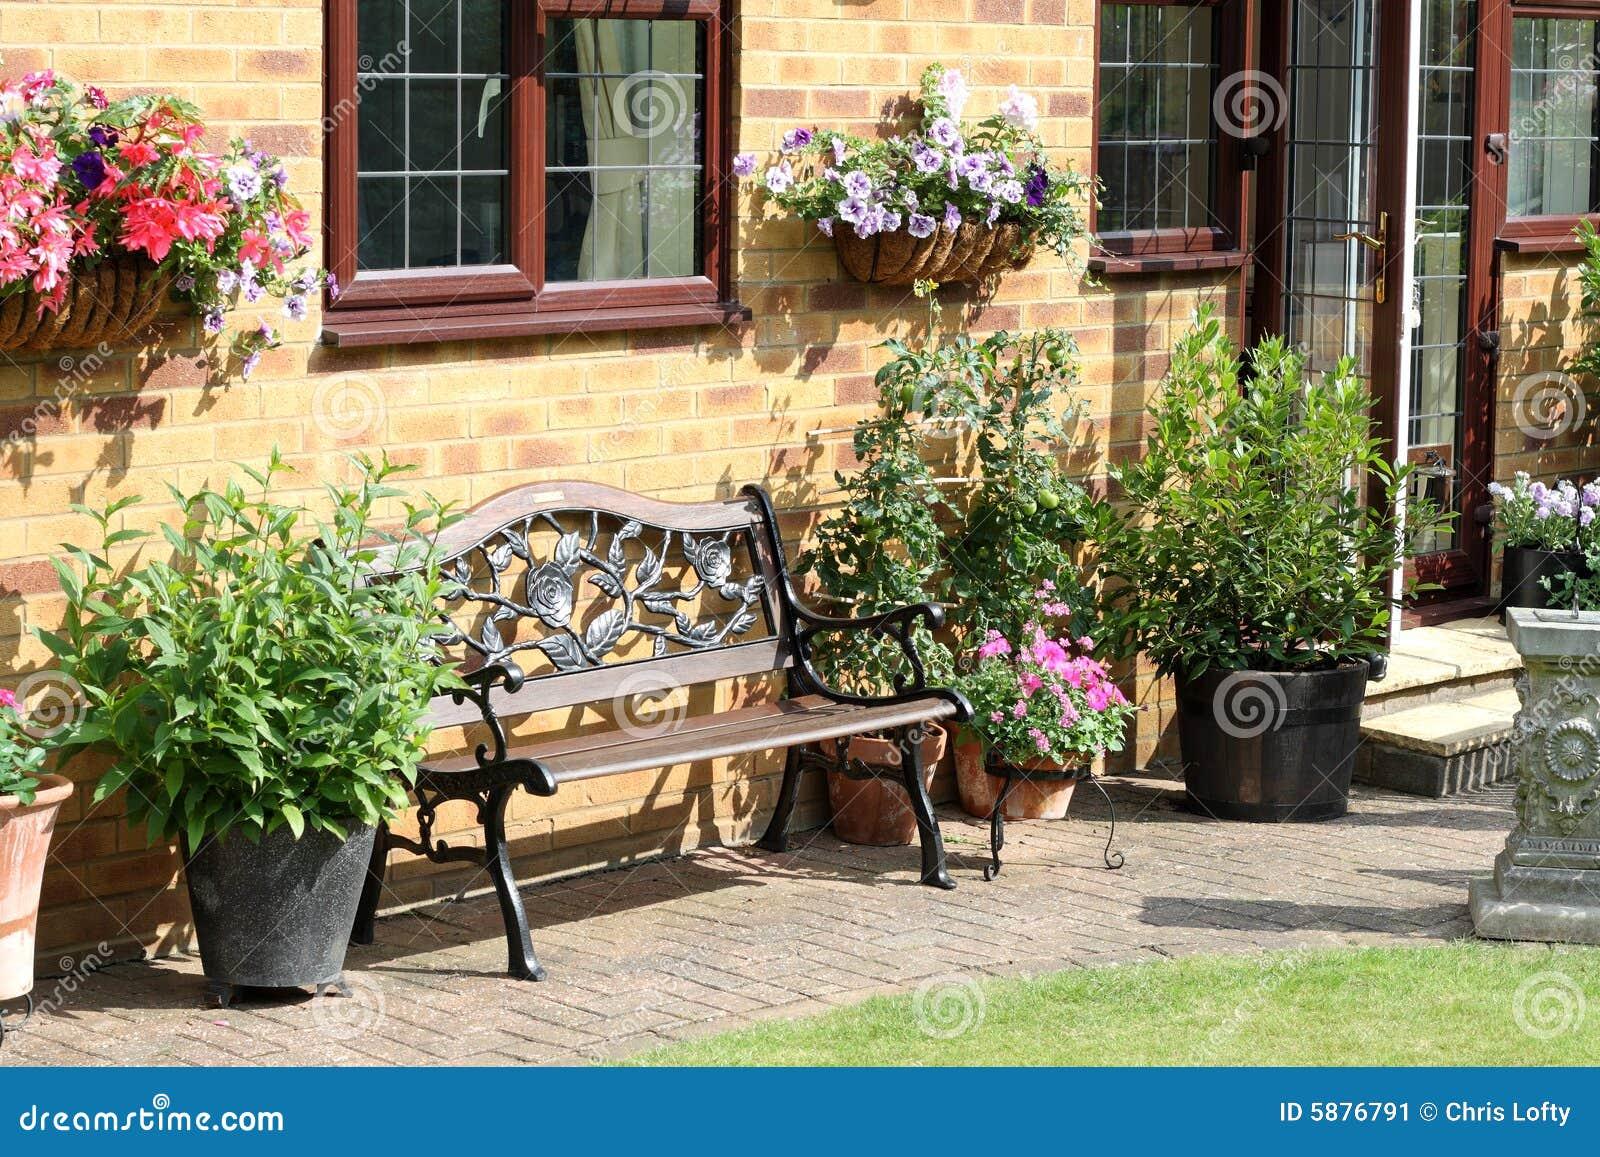 Una Zona Di Disposizione Dei Posti A Sedere Inglese Del Giardino Posteriore Immagine Stock Immagine Di Piante Crescere 5876791